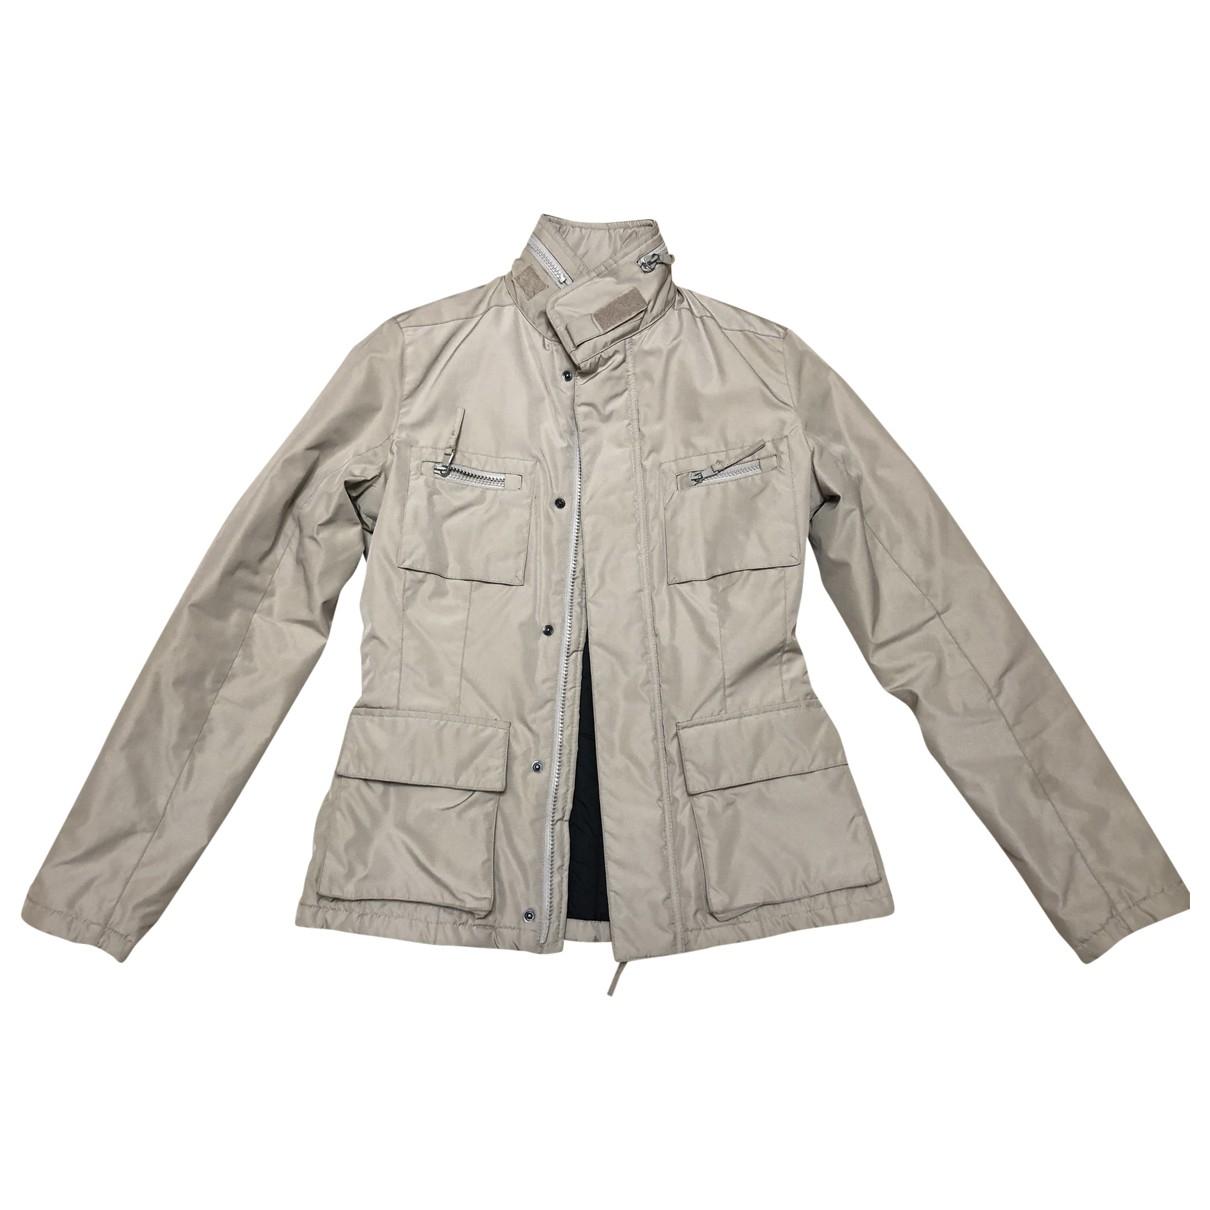 Aspesi \N Beige jacket for Women S International